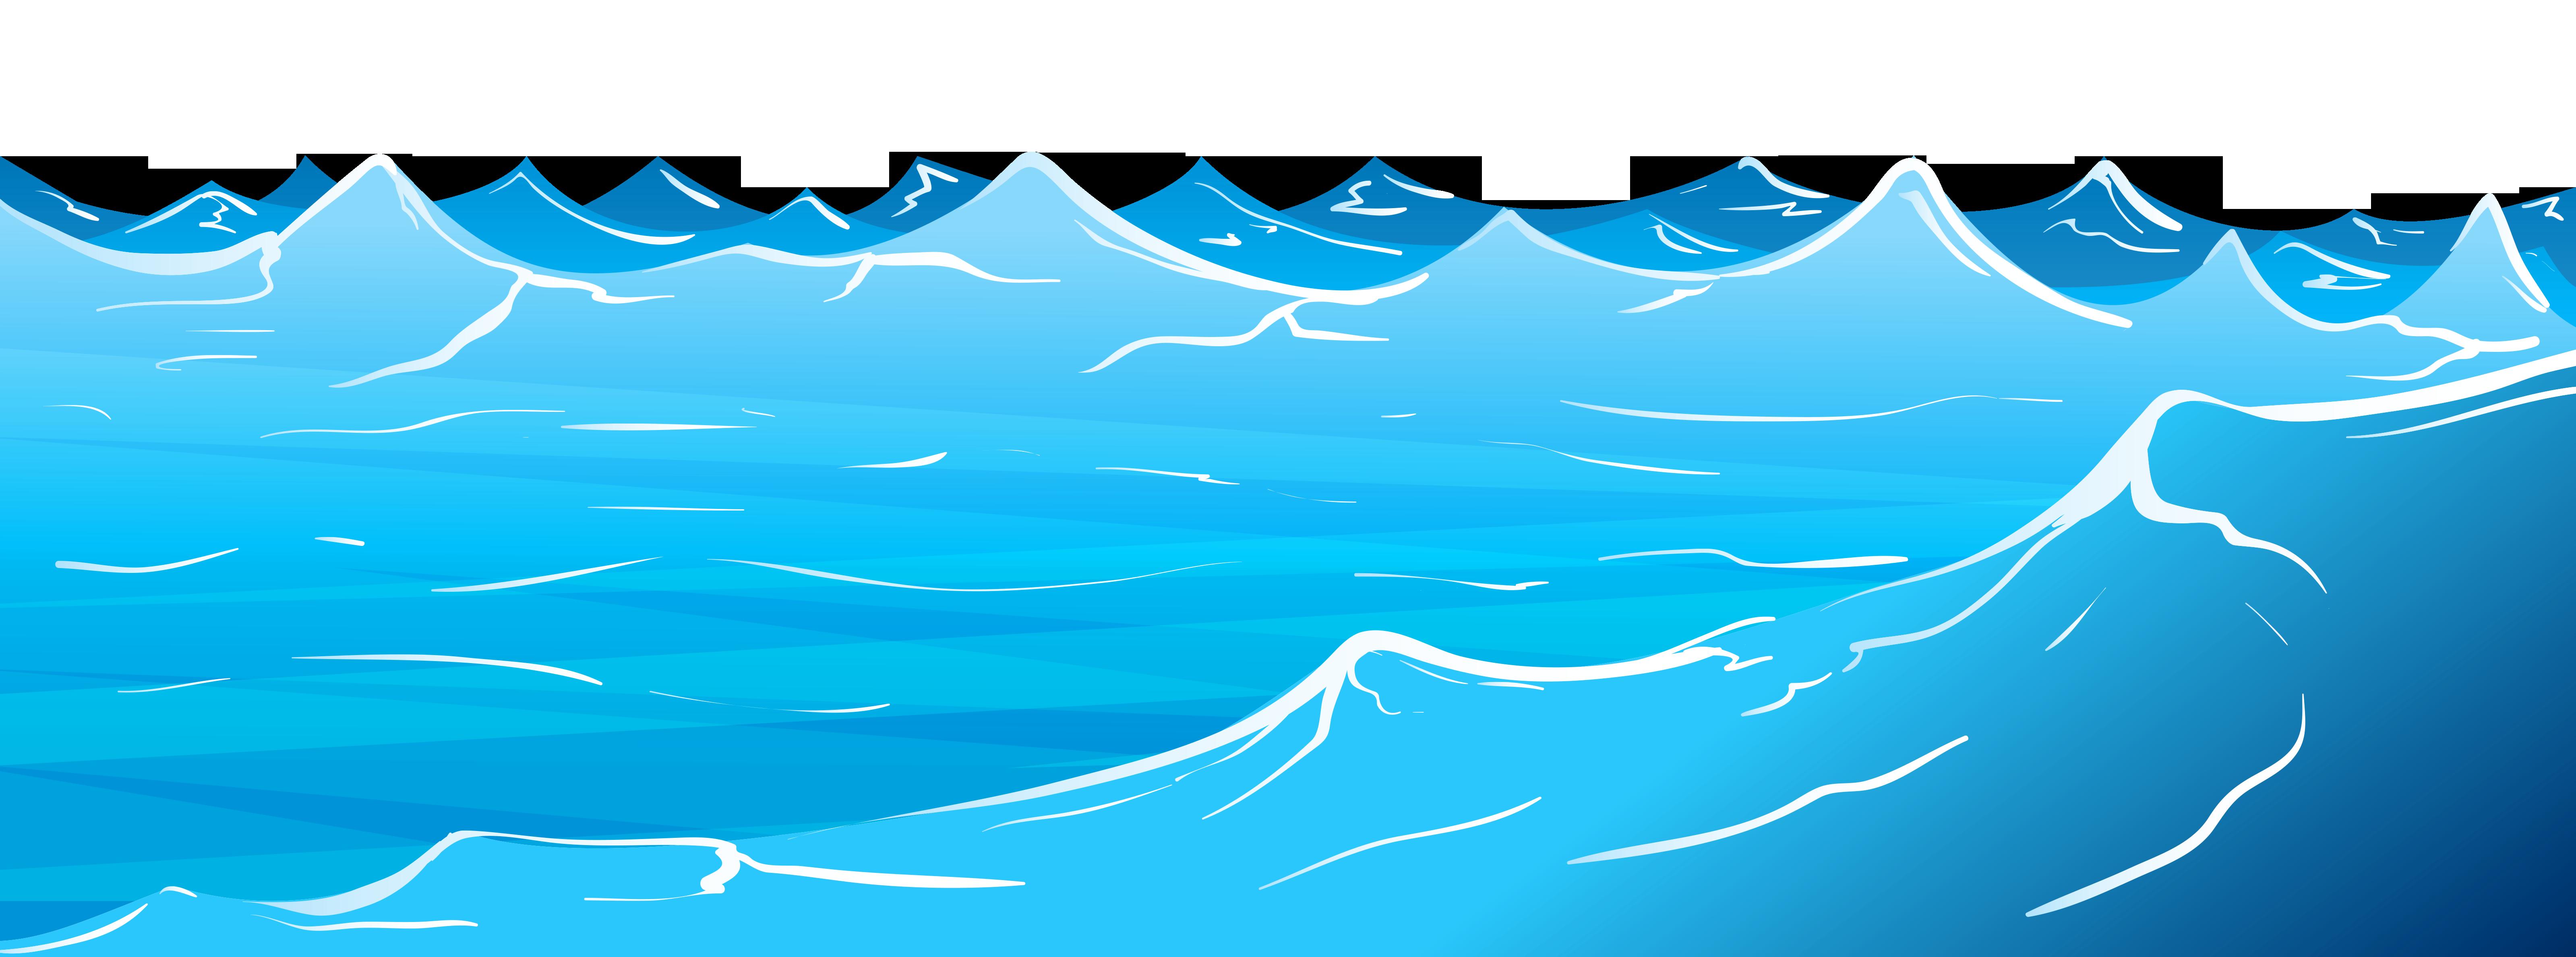 What is in ocean water?.